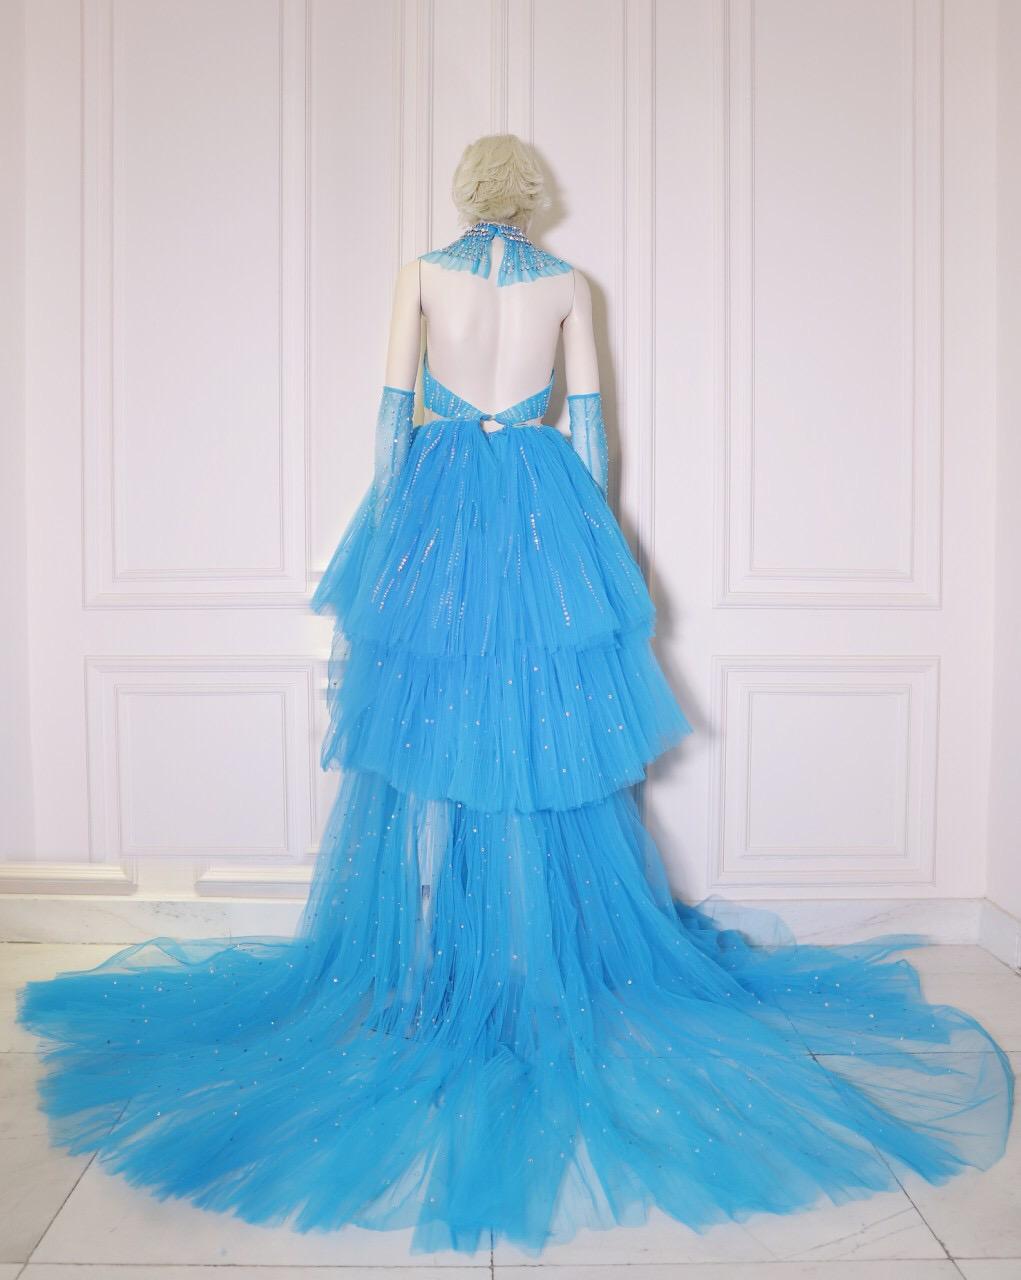 Công Trí hoàn thành chiếc váy trong vòng 24 giờ để gửi cho Katy Perry  - Ảnh 2